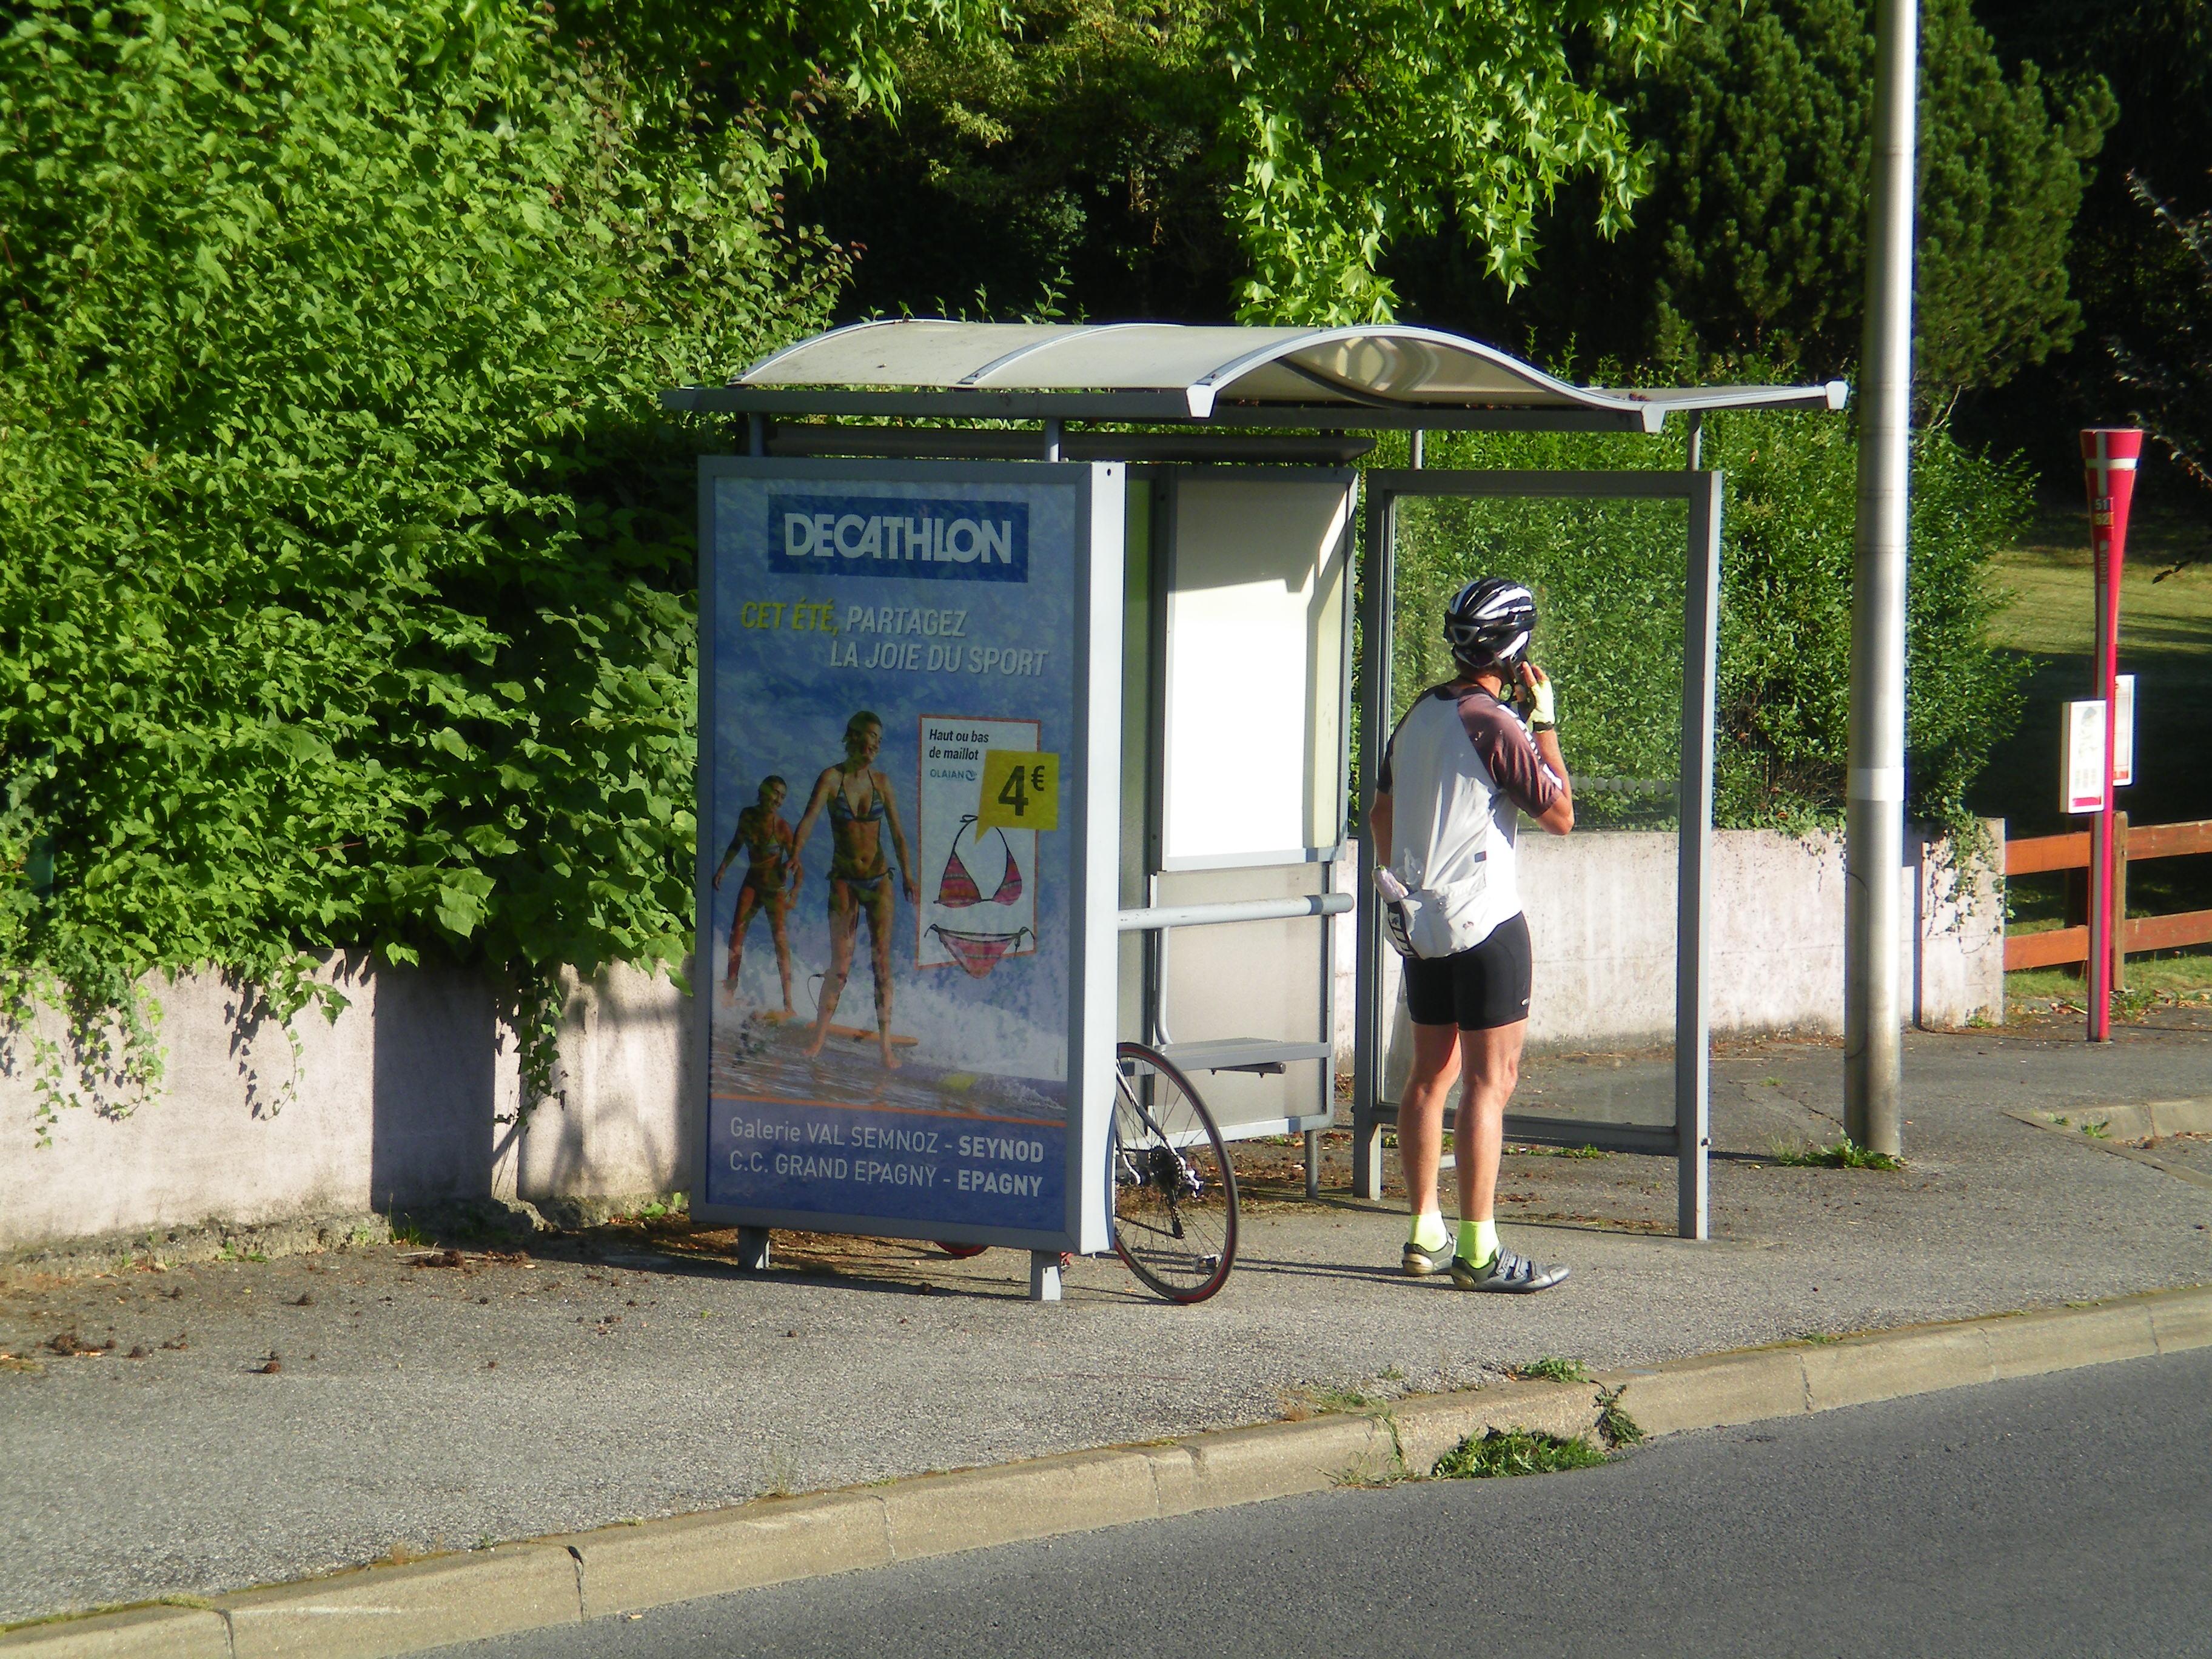 L'échappée par l'arrière: on attend un copain / Etape du Tour dimanche 8 juillet 2018 Annecy - Le Grand Bornand